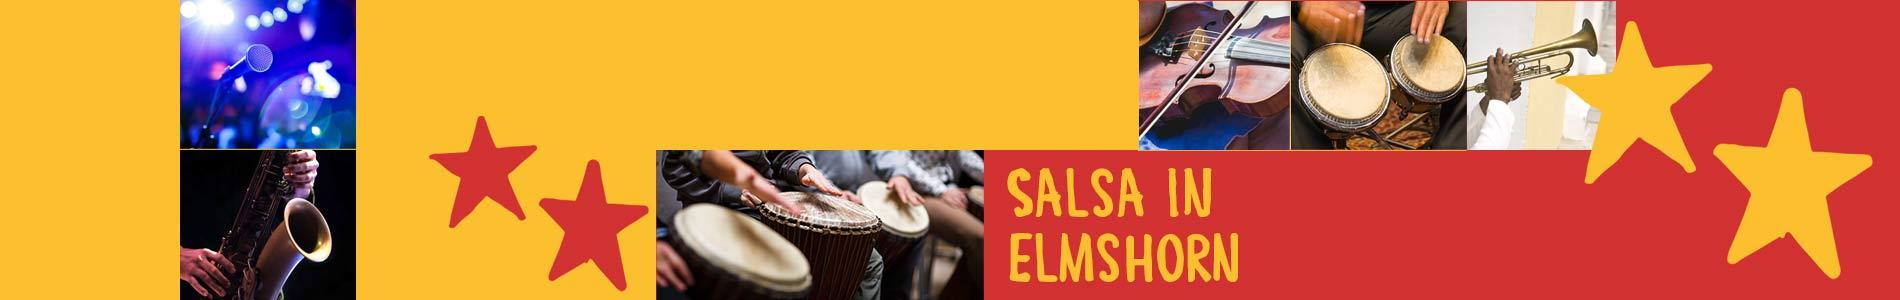 Salsa in Elmshorn – Salsa lernen und tanzen, Tanzkurse, Partys, Veranstaltungen